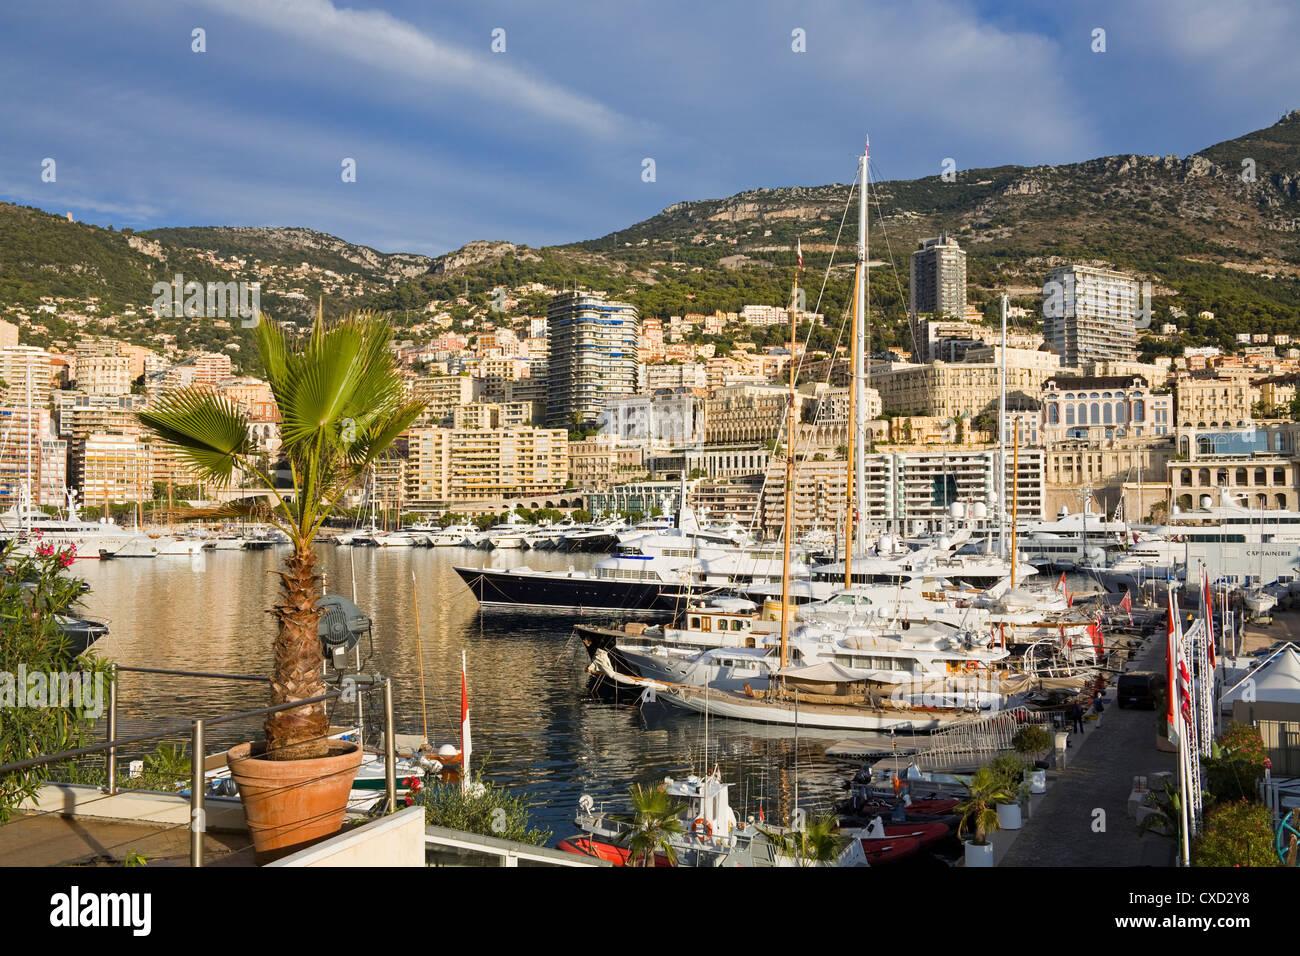 Yacht marina in Port de Monaco, Monte Carlo City, Monaco, Mediterranean, Europe - Stock Image